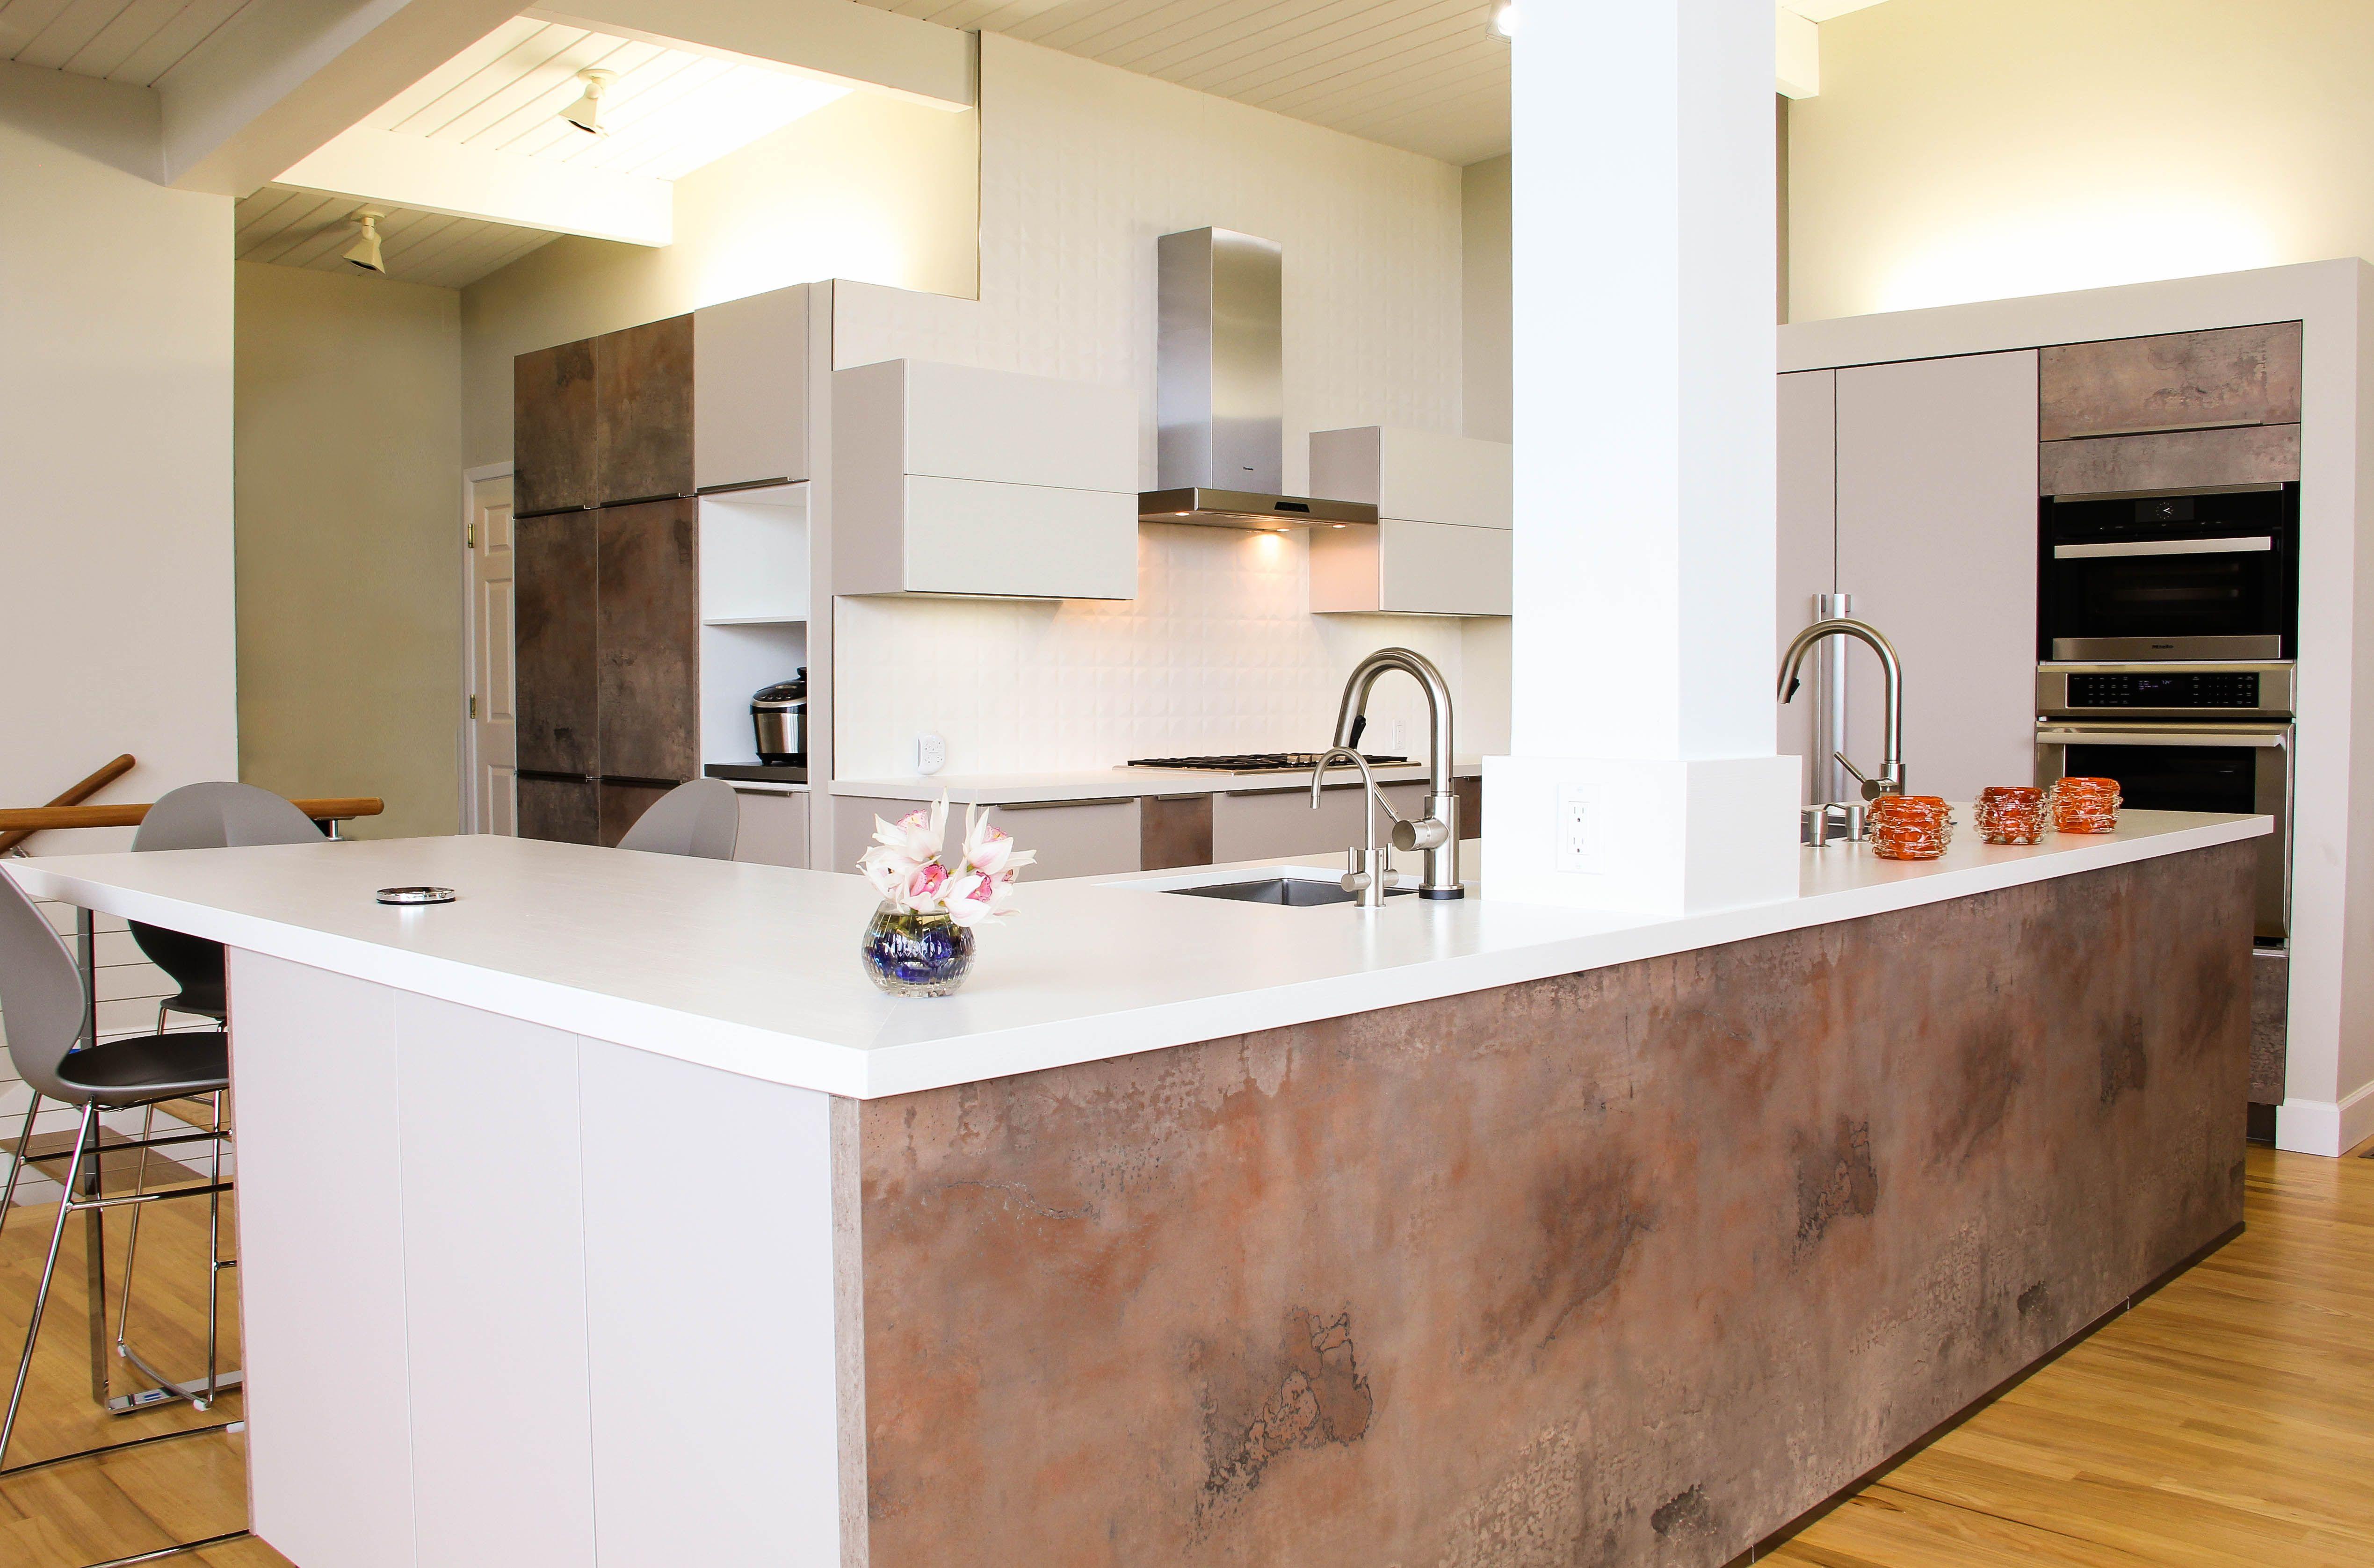 bauformat kitchen cabinet front 241 sand beige silky. Black Bedroom Furniture Sets. Home Design Ideas